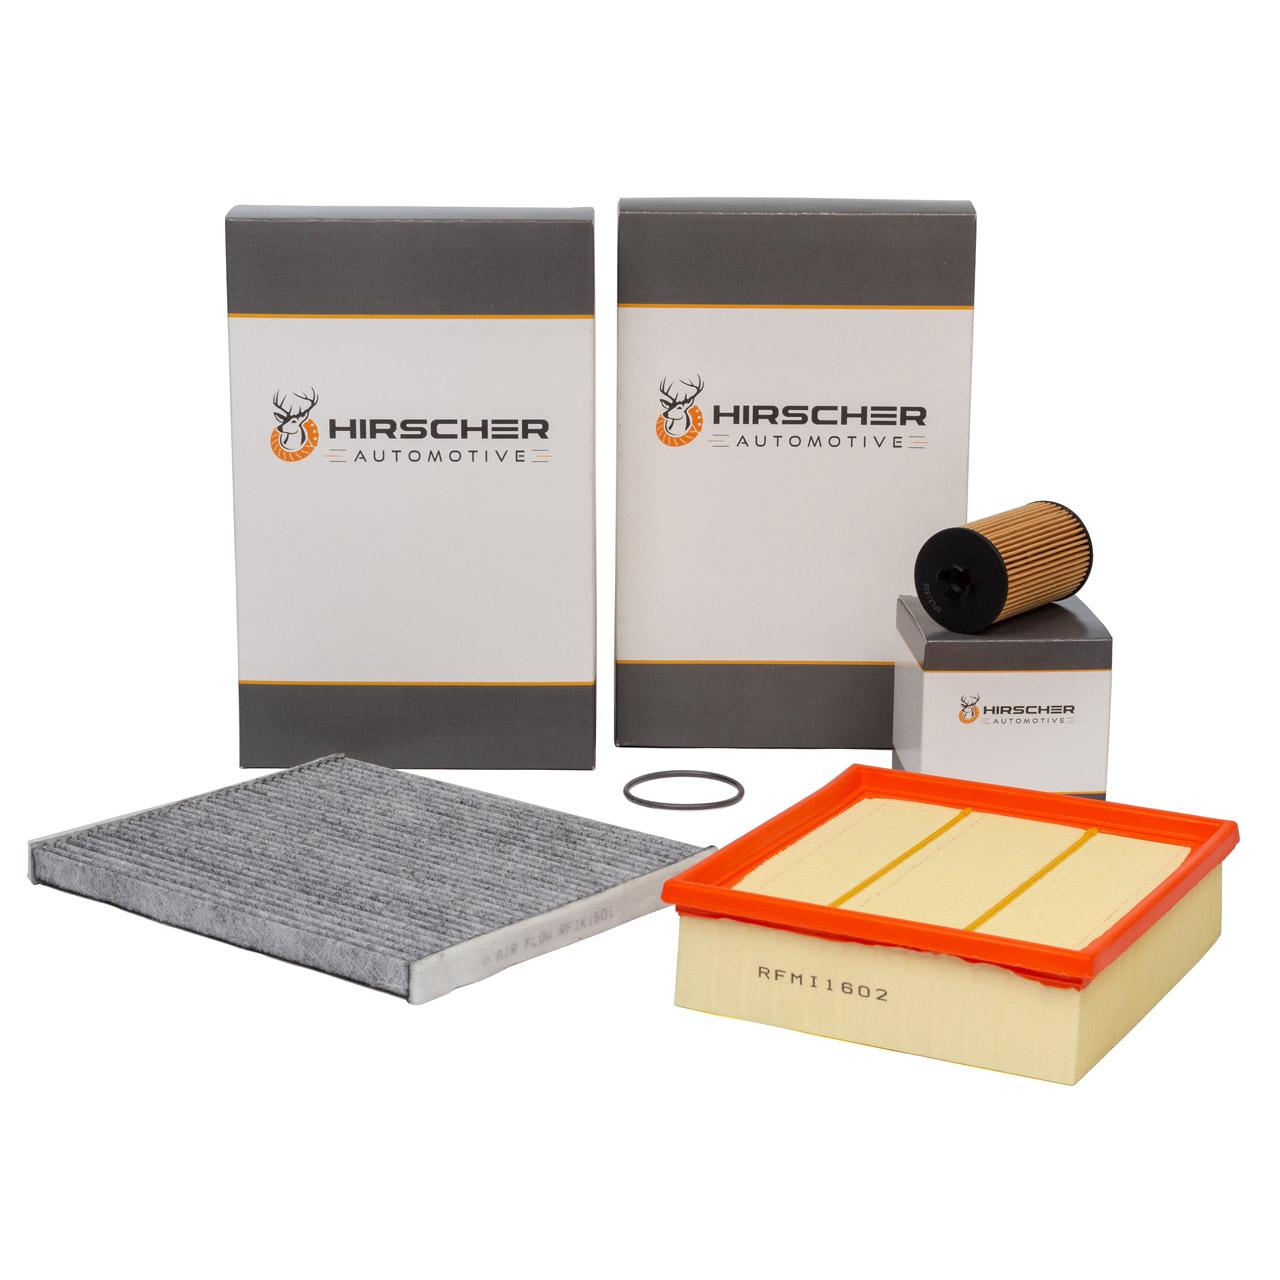 HIRSCHER Filterset OPEL Corsa D 1.0 1.2 1.4 ab Motor 19MA9235 + Corsa E 1.2 1.4